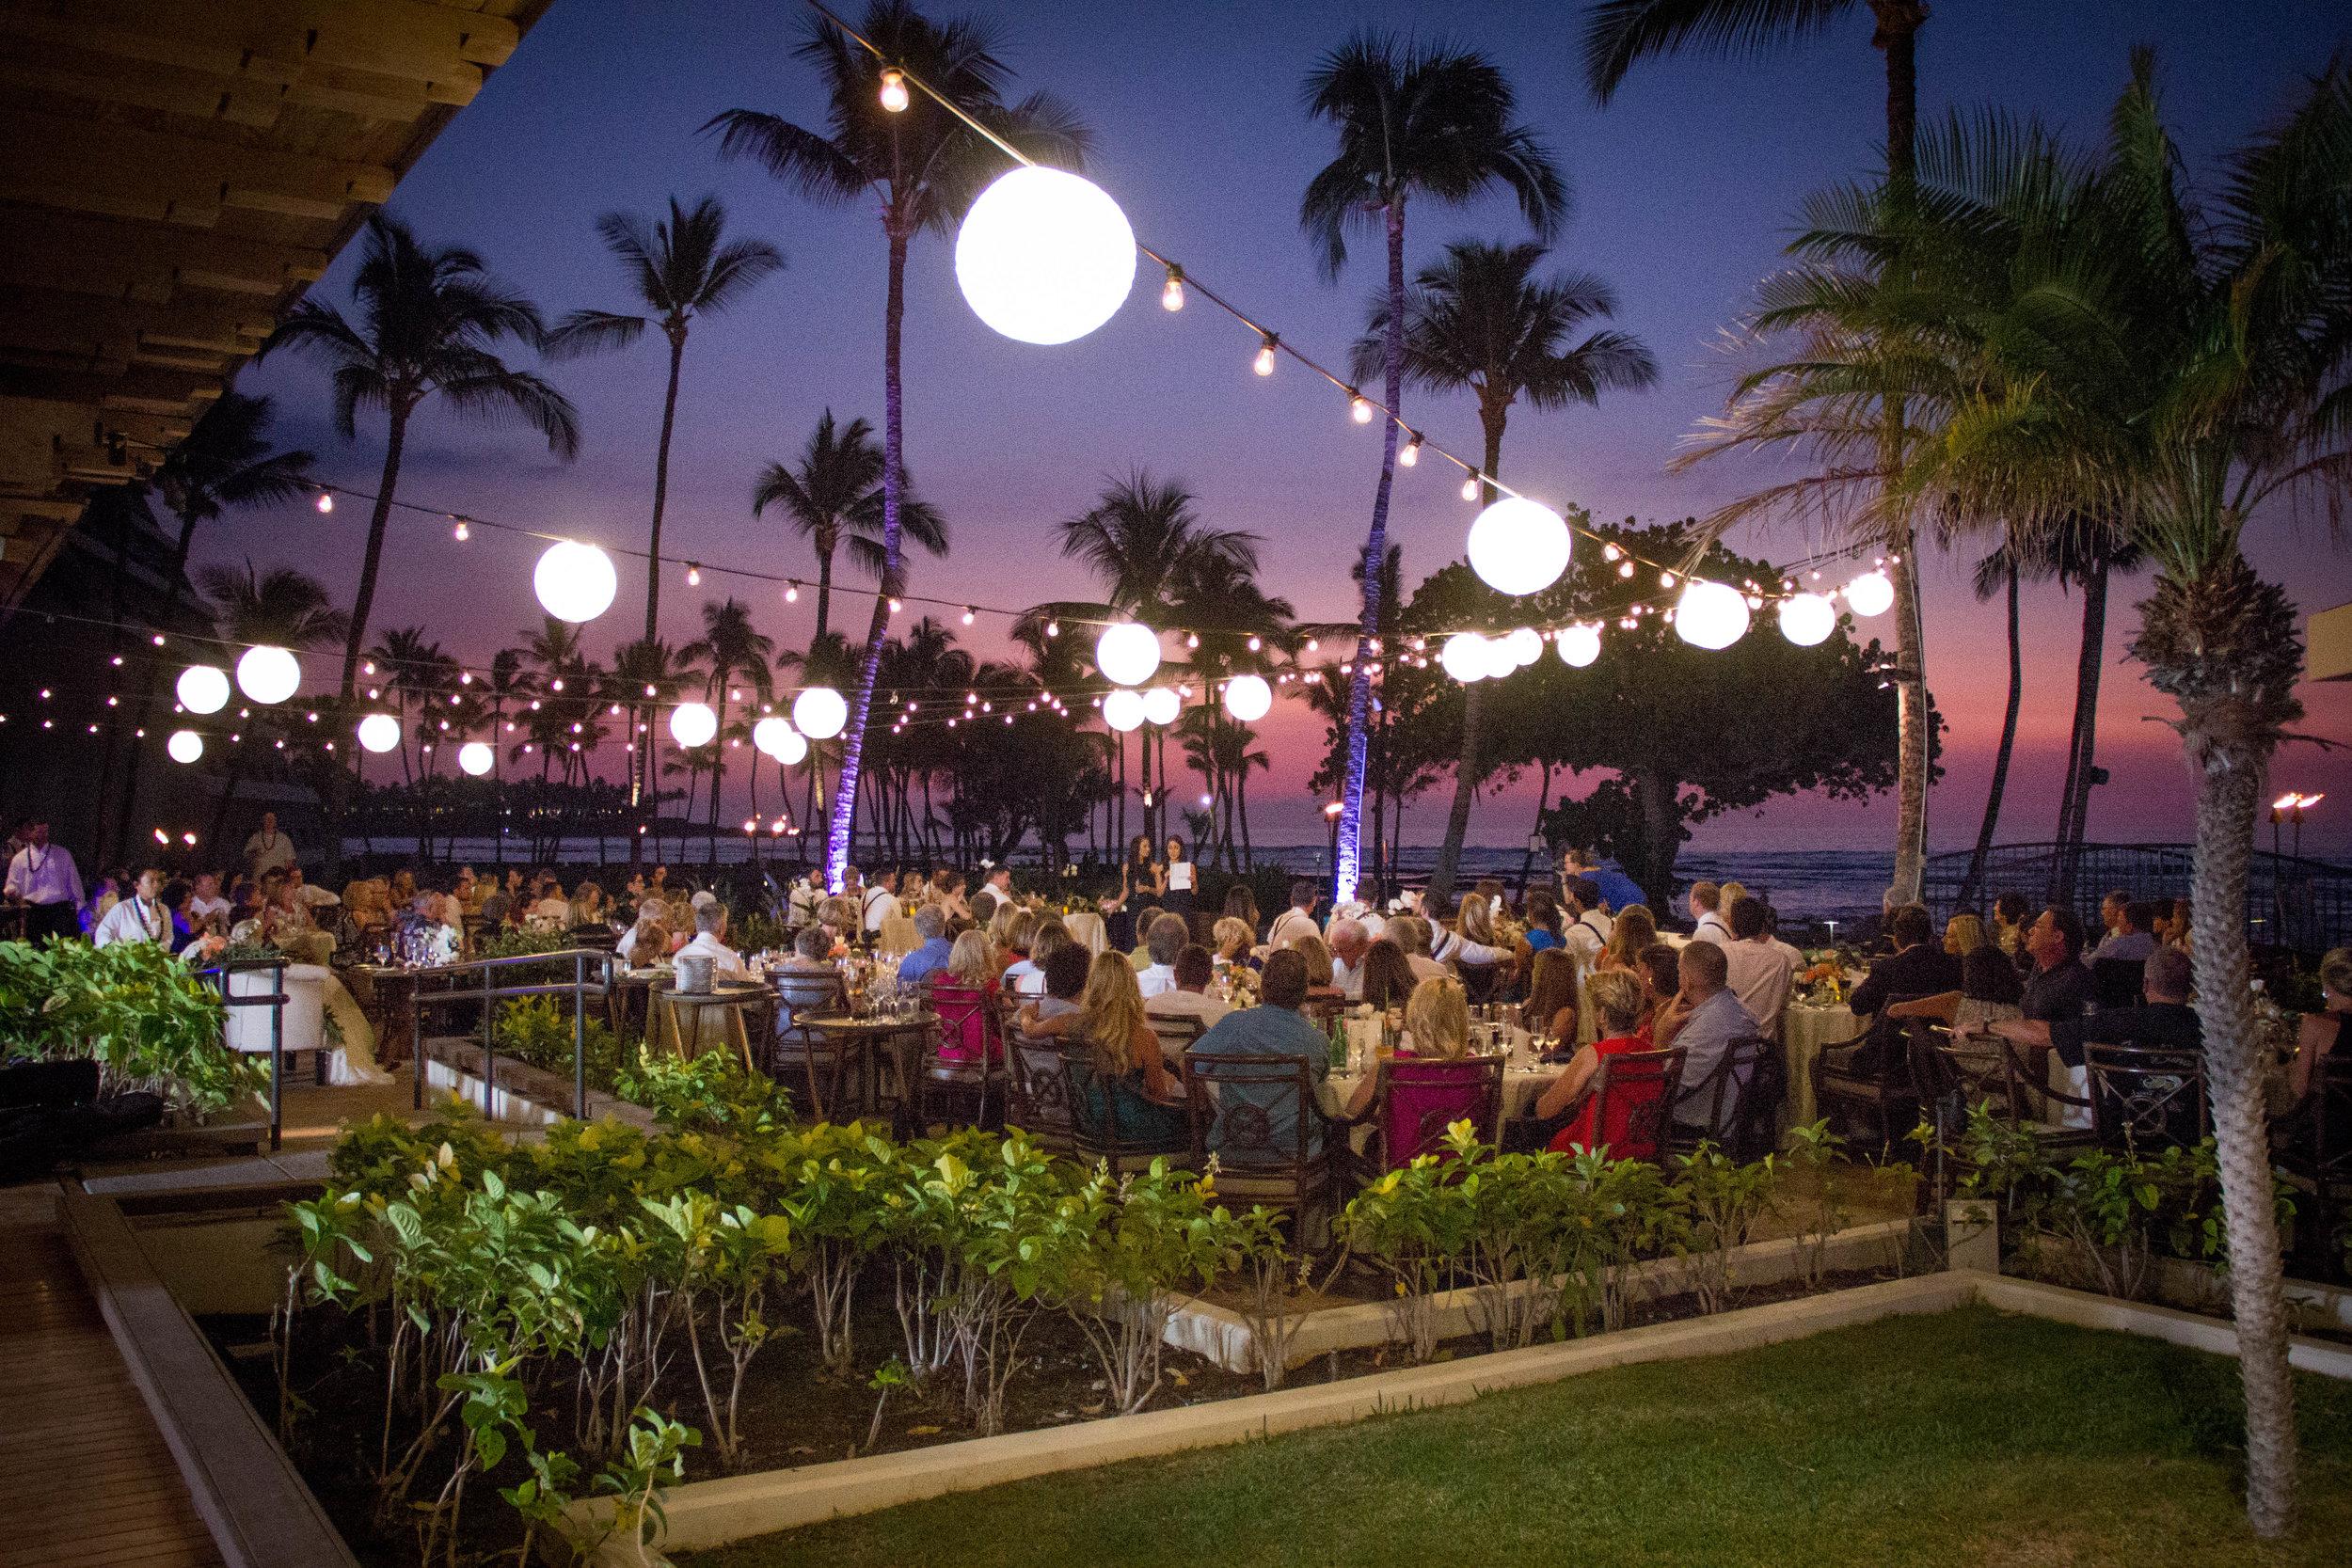 big island hawaii mauna lani resort wedding © kelilina photography 20160131184315-1.jpg